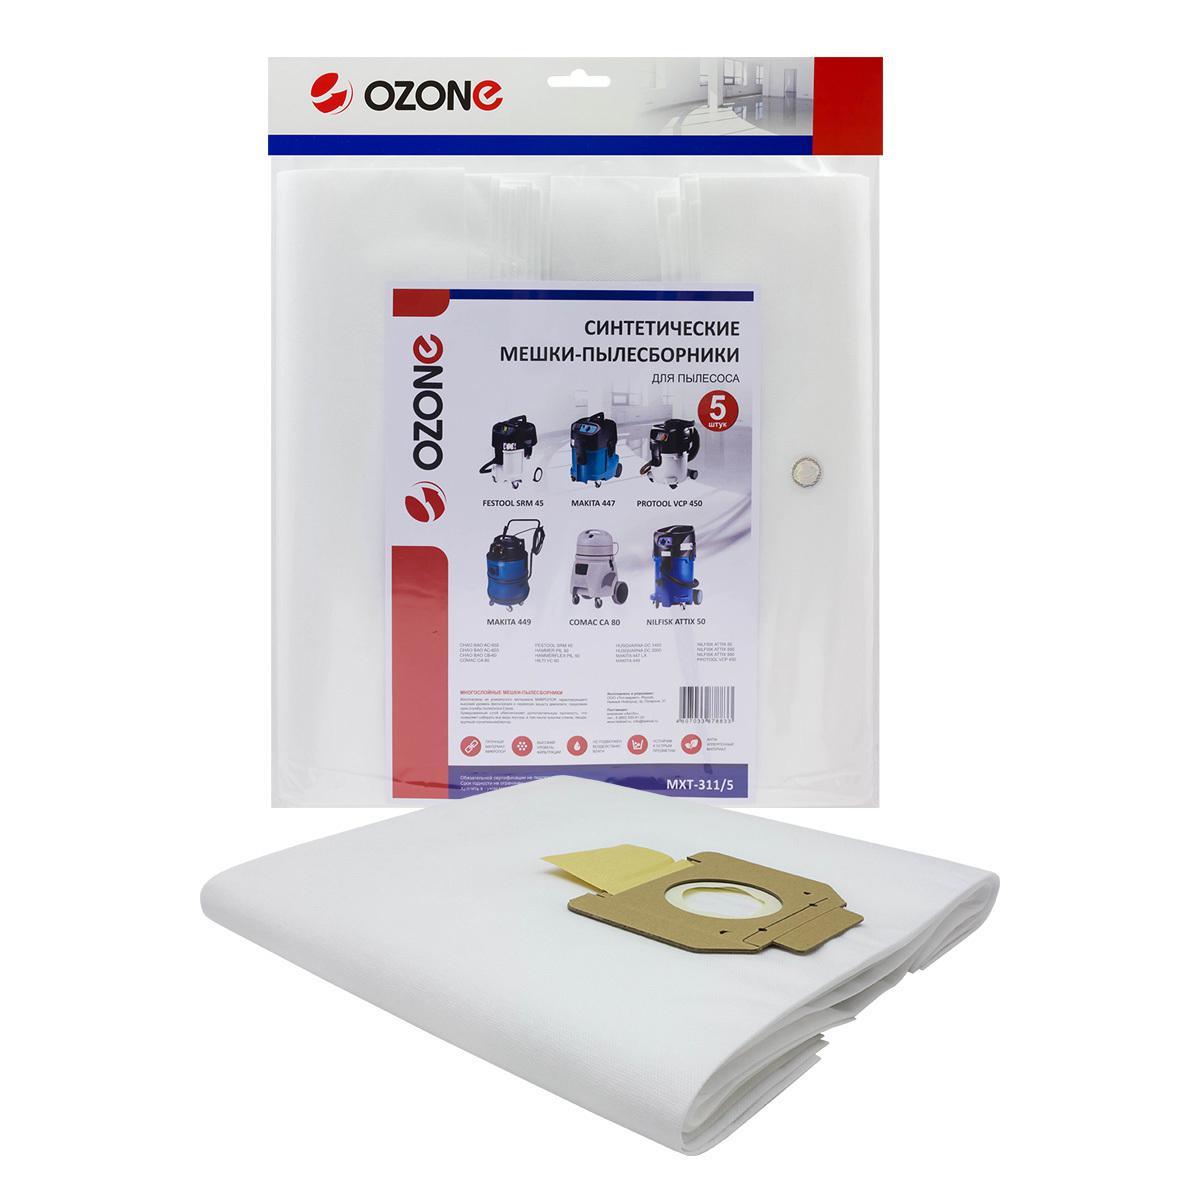 Мешок Ozone Mxt-311/5+1 ozone mxt 3031 5